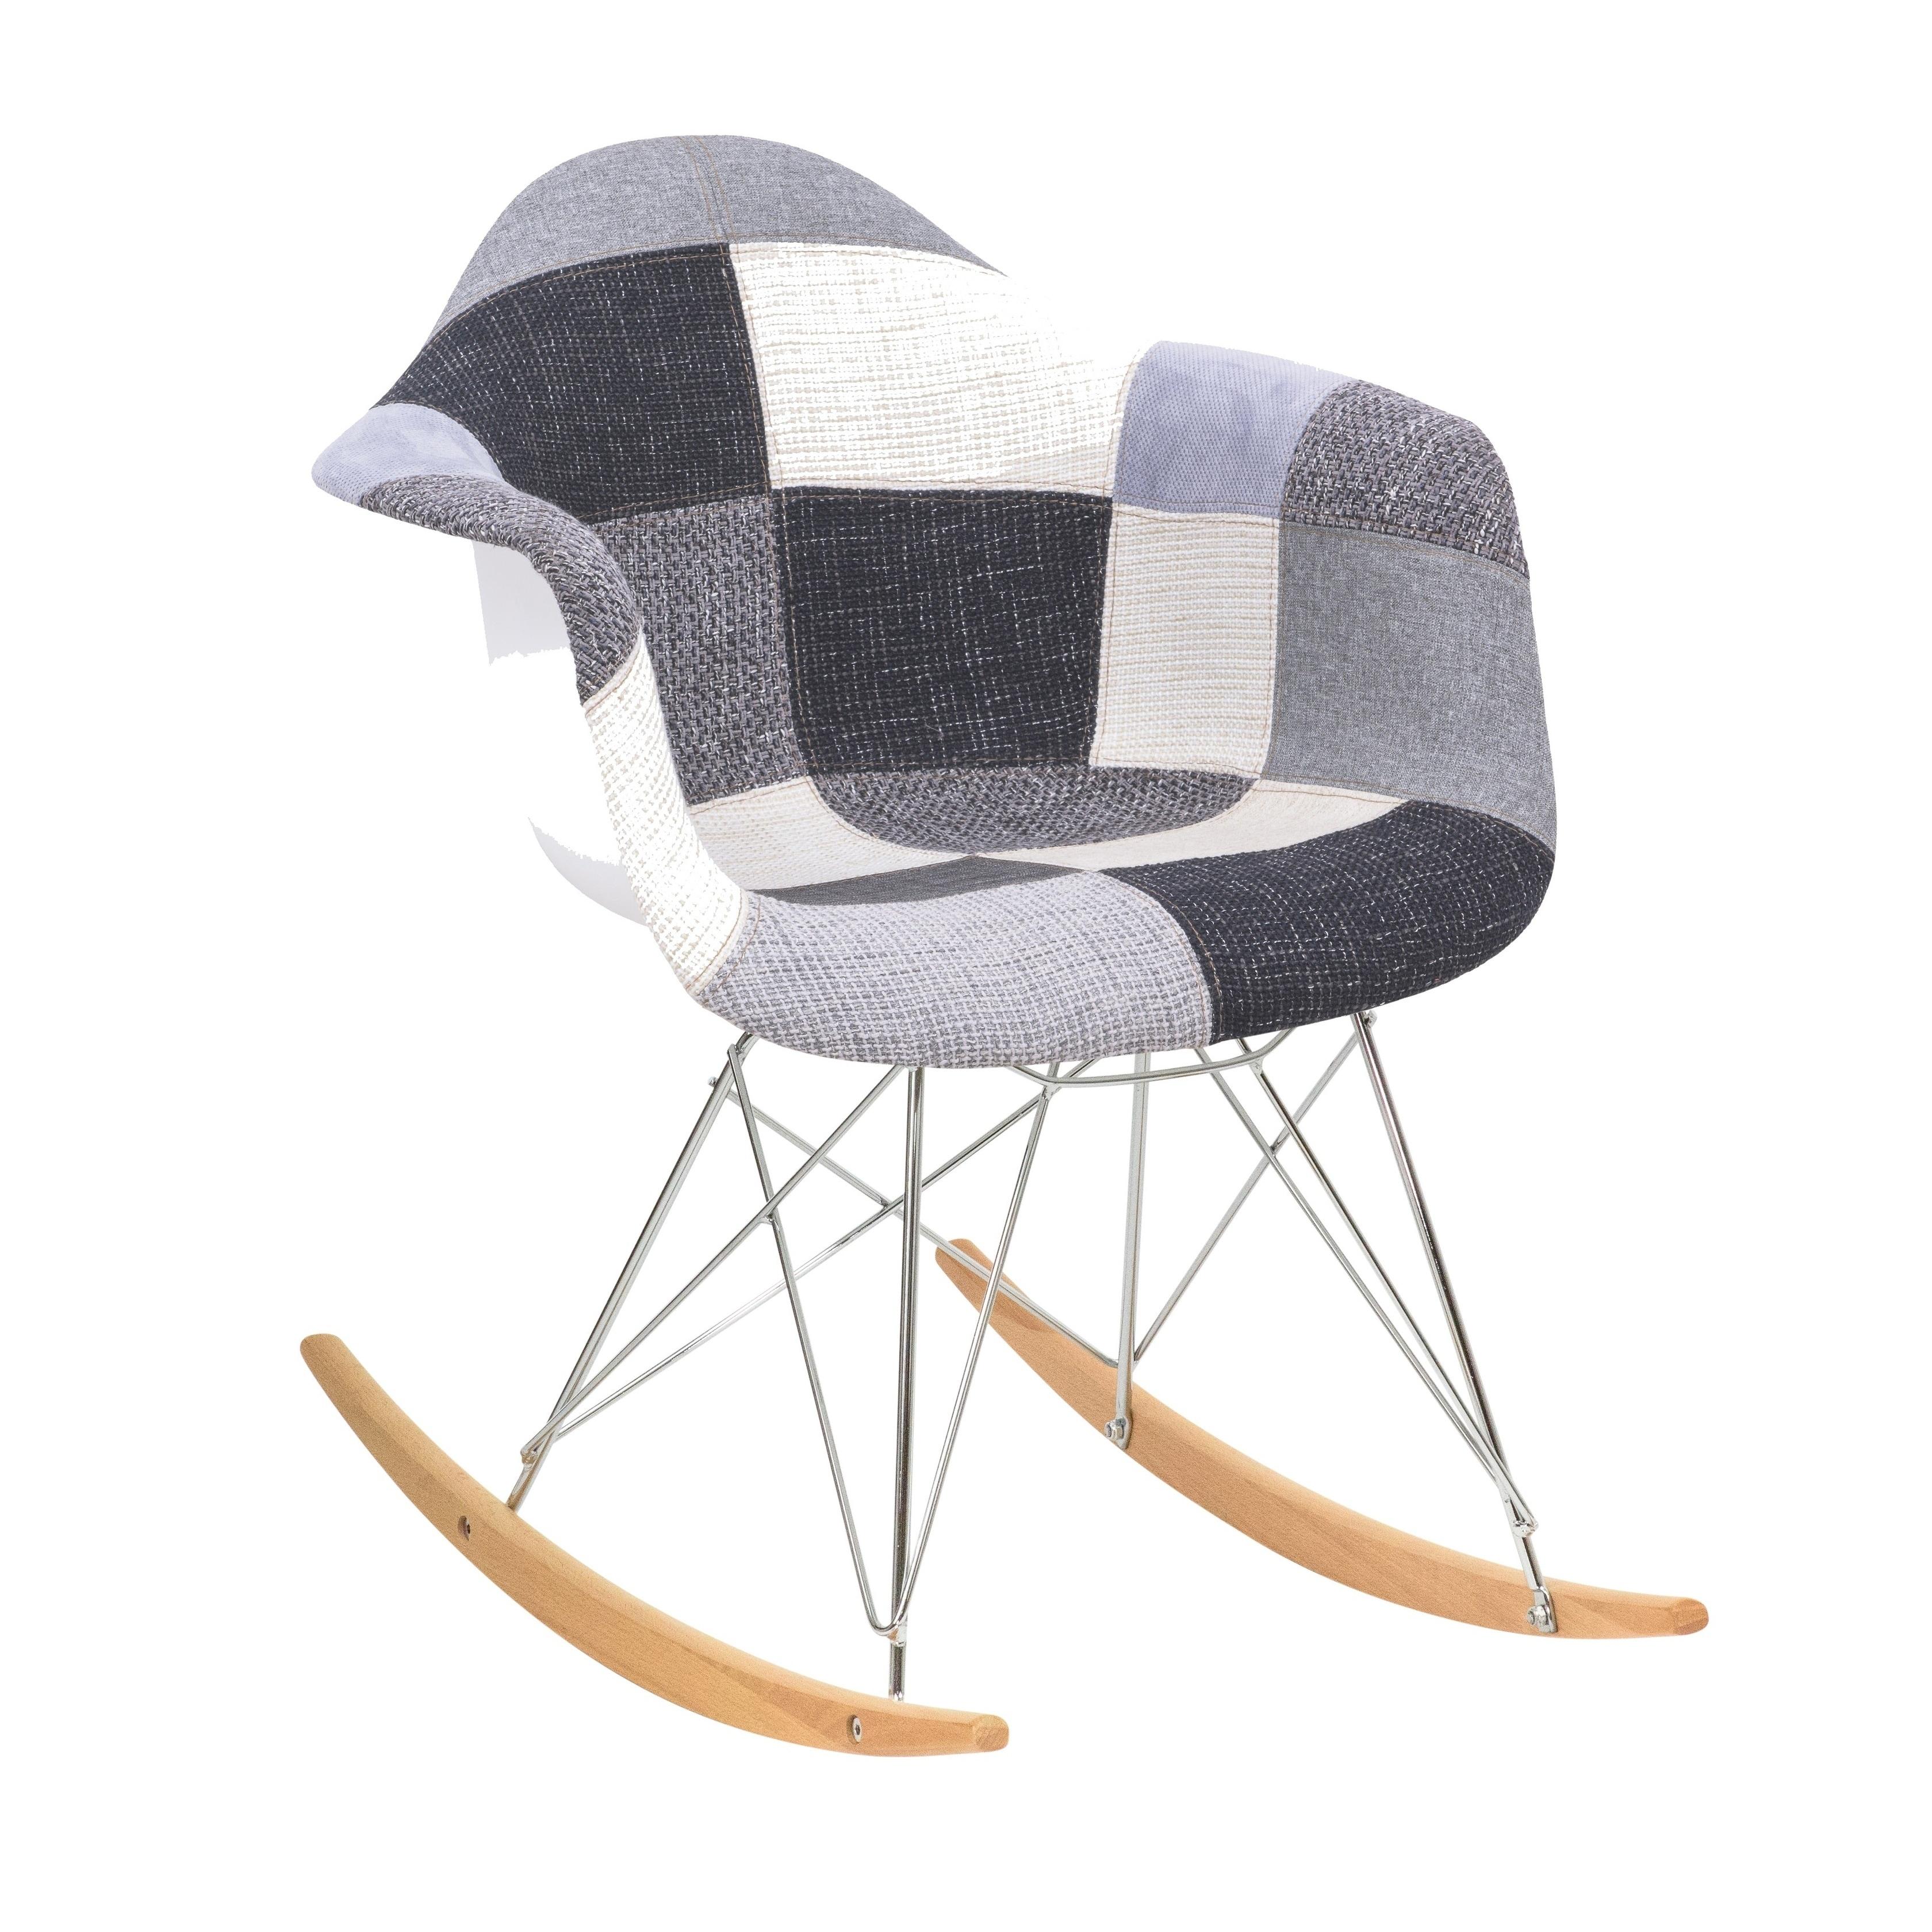 Leisuremod Wilson Twill Fabric Multi Rocking Chair W/ Eiffel Regarding Twill Fabric Beige Rocking Chairs With Eiffel Legs (View 5 of 20)